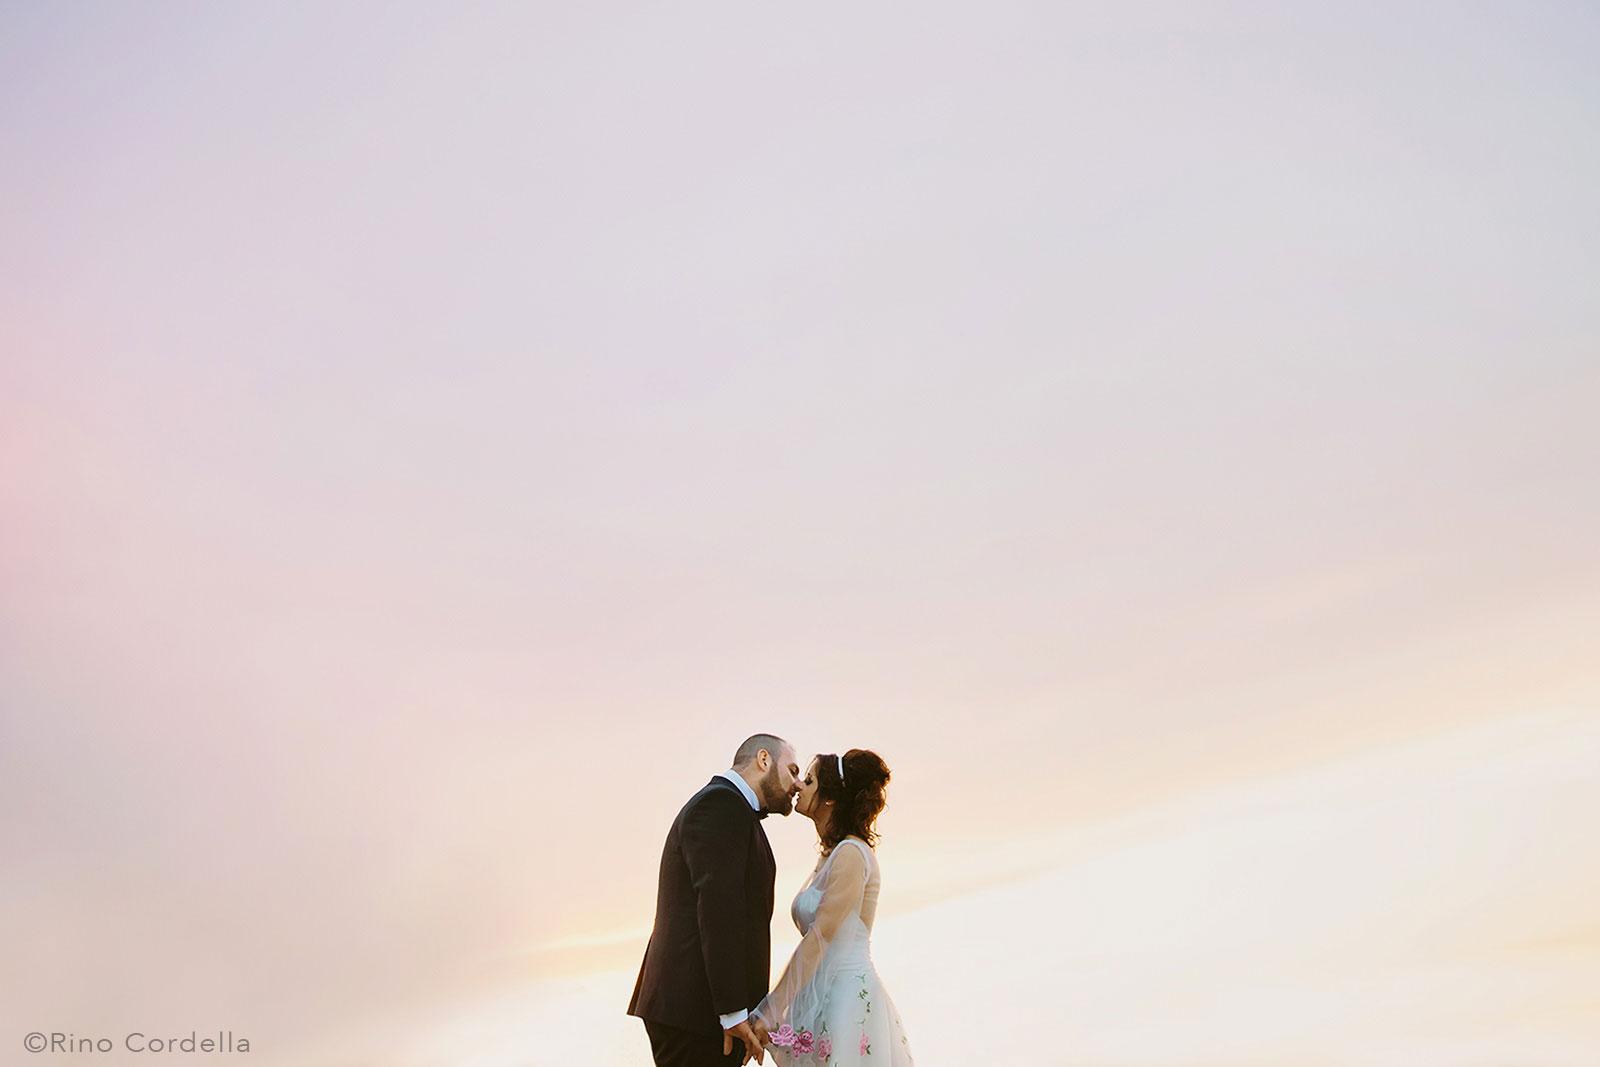 miglior fotografo matrimonio nel Salento